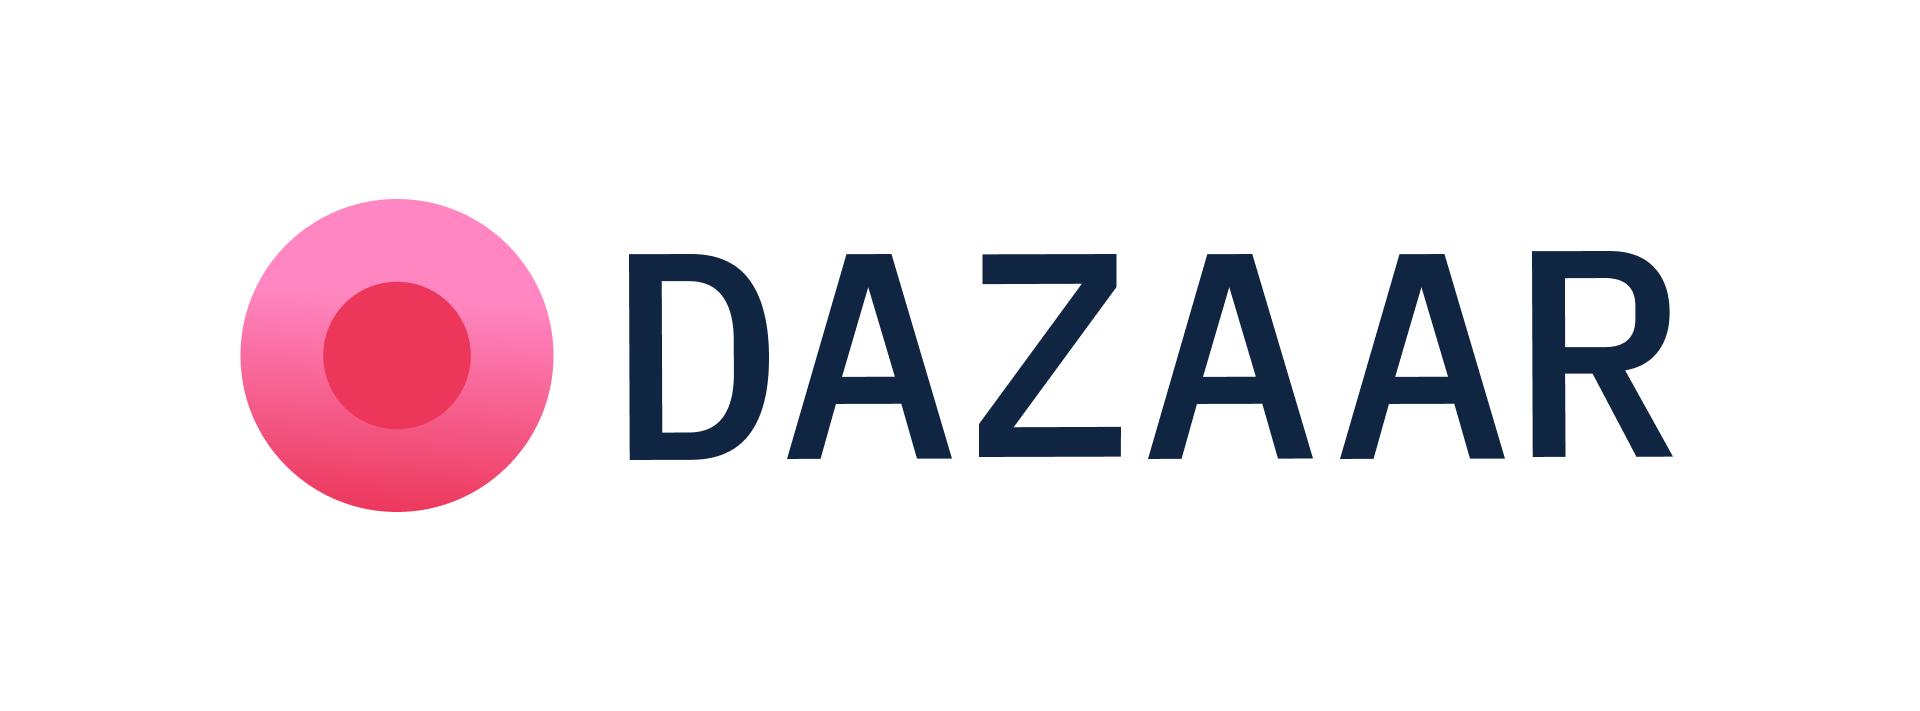 Bitfinex запустила стриминговый сервис Dazaar